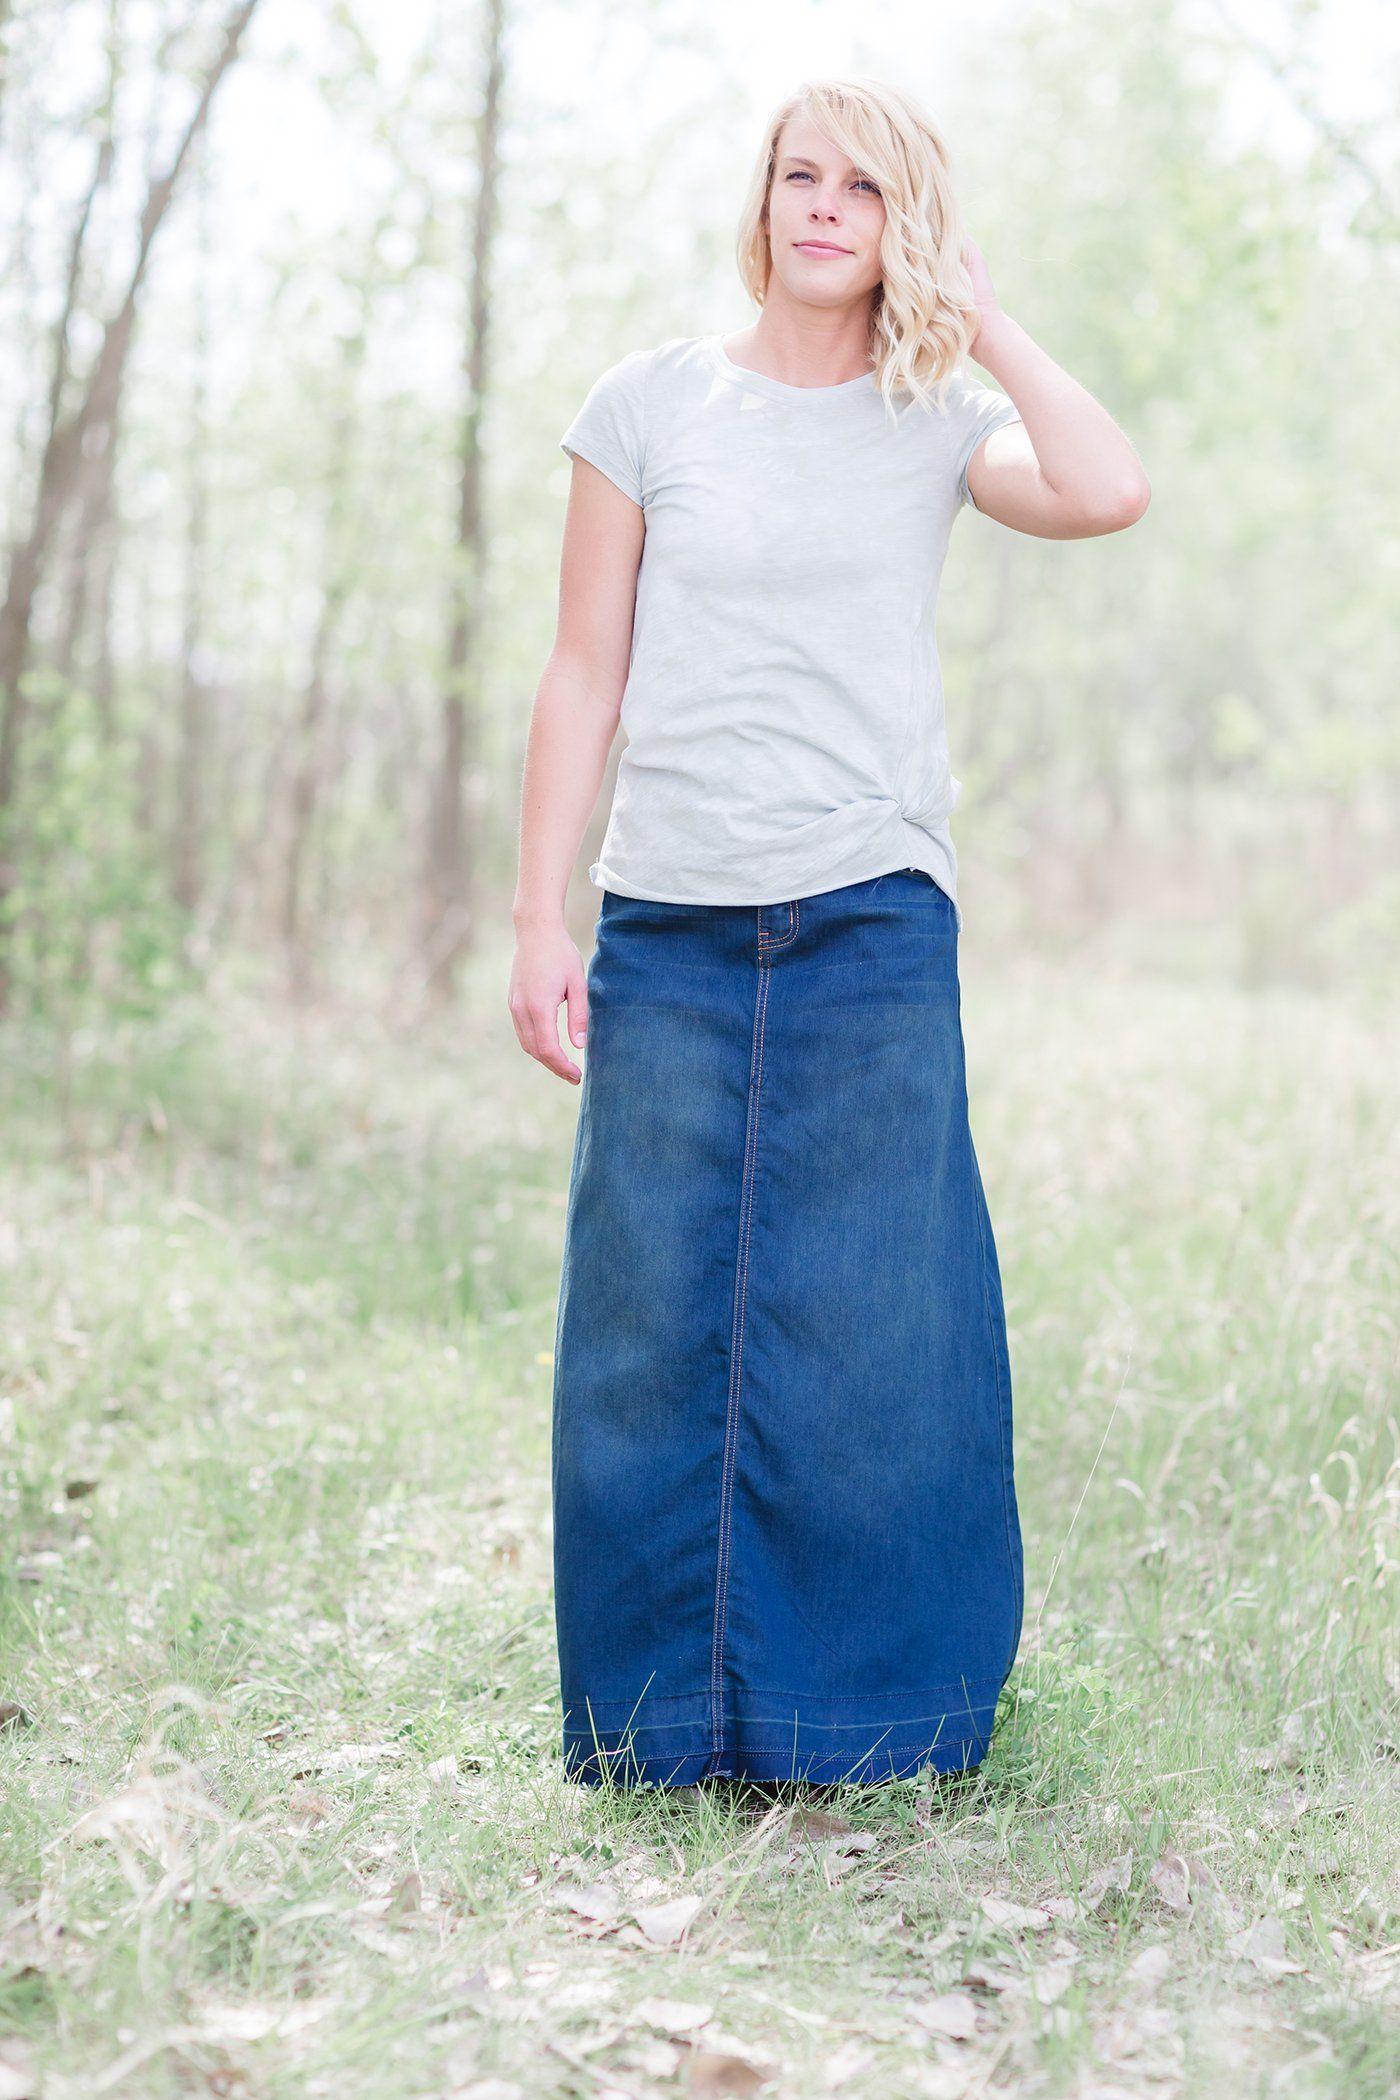 f8cf6c4eaa Modest Women s Elyse Denim Skirt